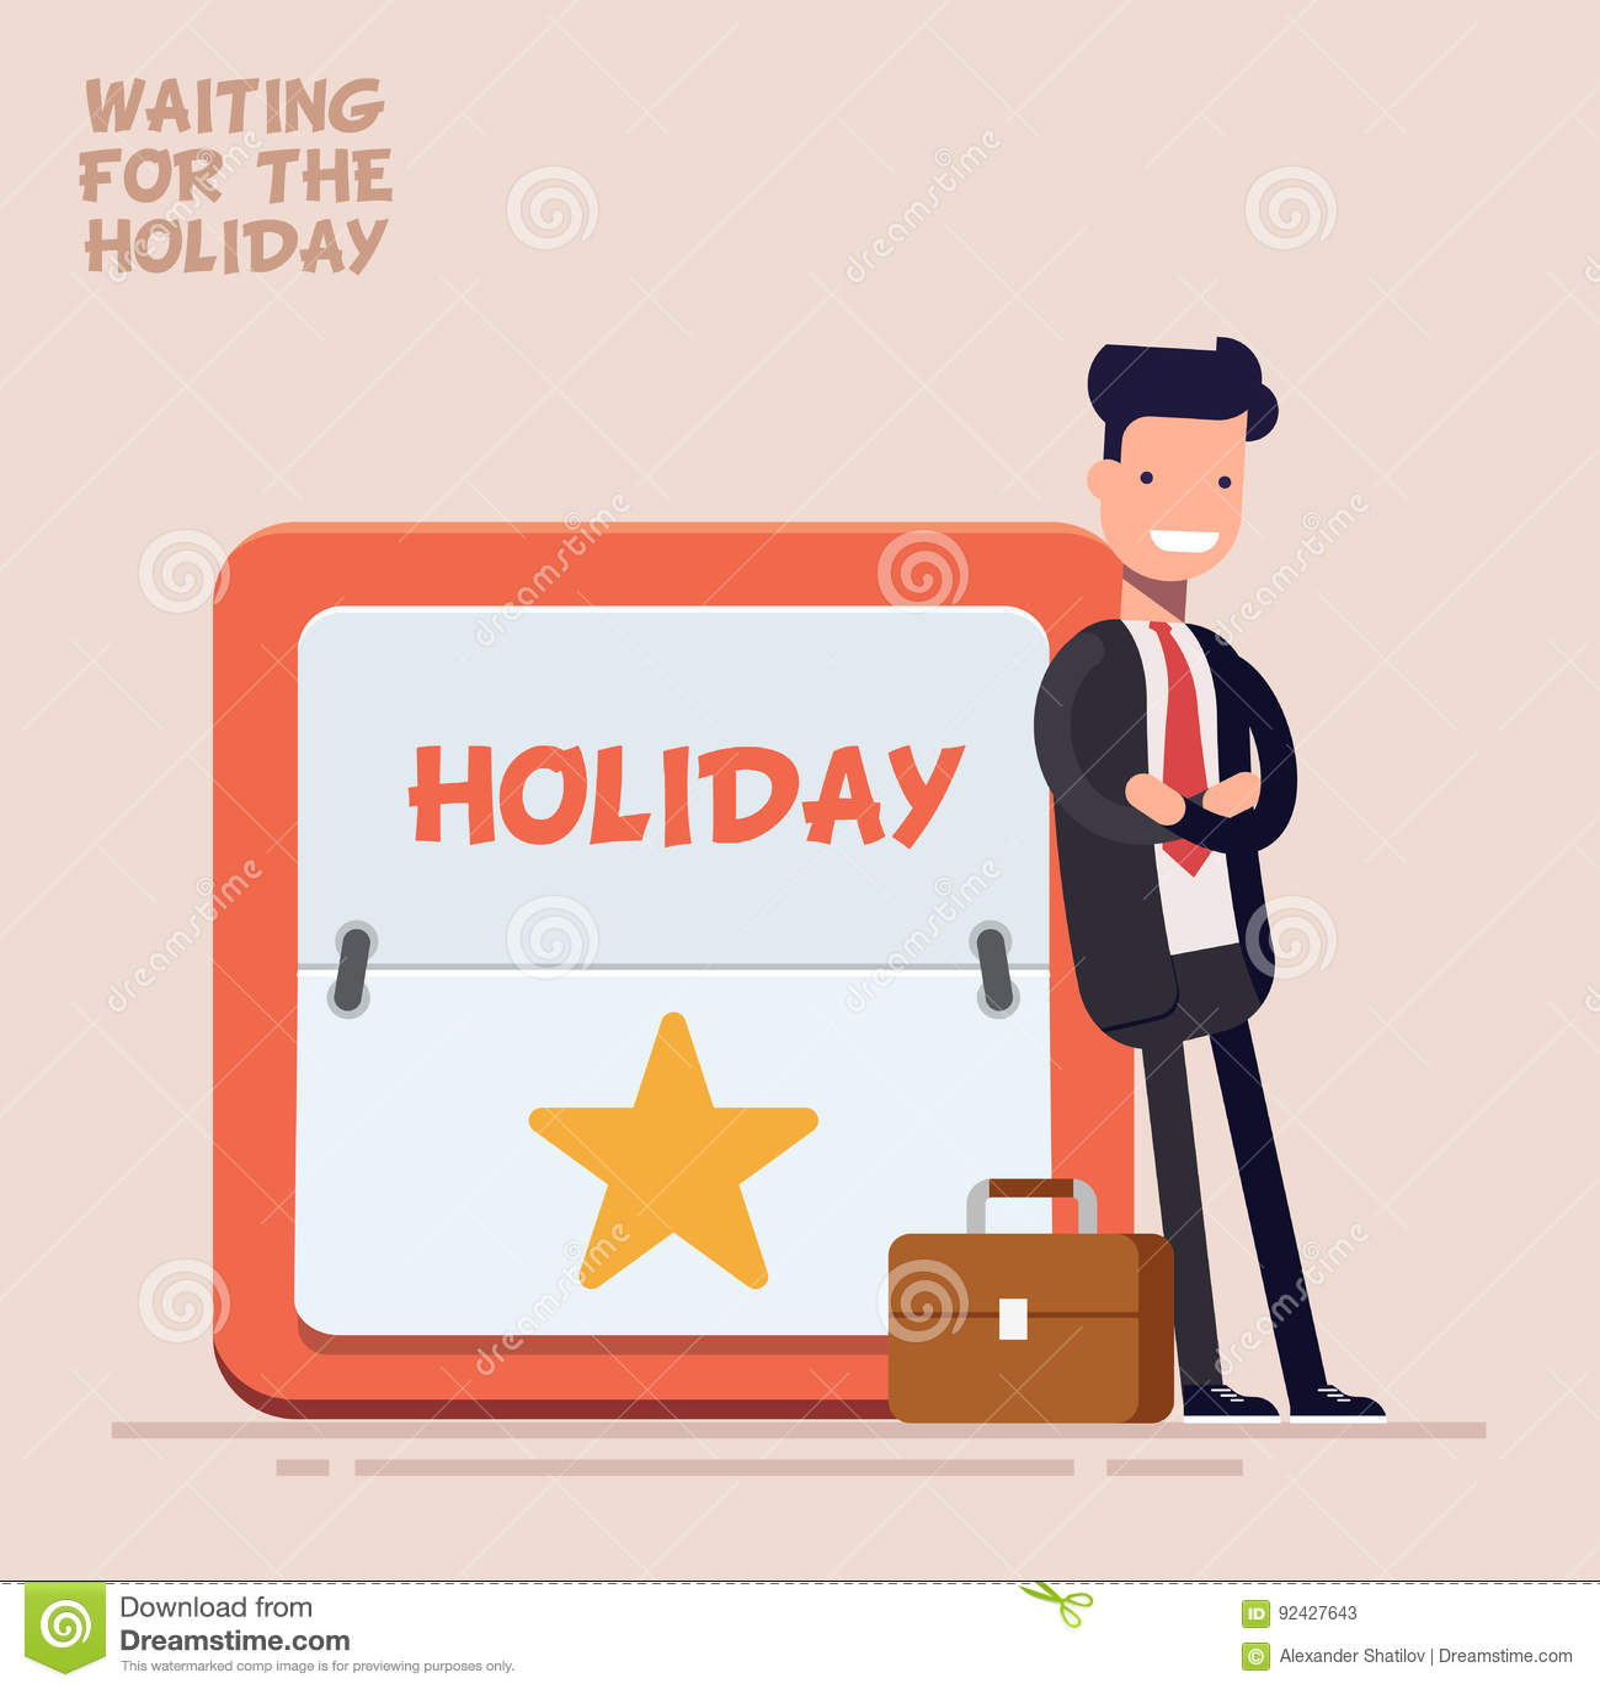 Ο επιχειρηματίας ή ο διευθυντής σε ένα επιχειρησιακό κοστούμι και μια βαλίτσα στέκεται κοντά σε ένα μεγάλο ημερολόγιο με ένα Σαββ